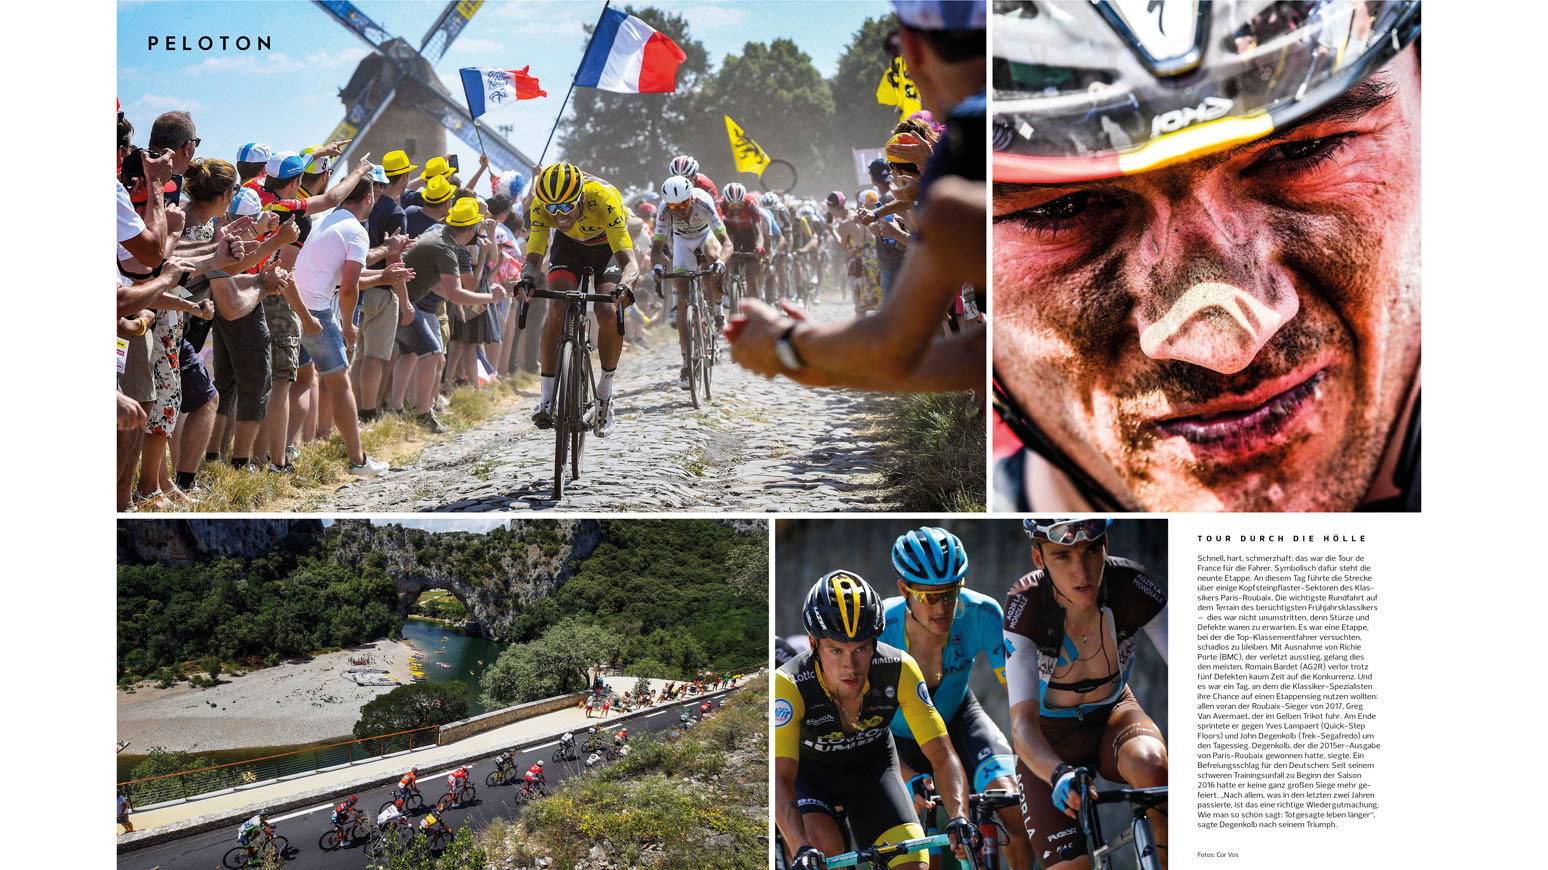 Peloton: Hintergründe aus dem Profi-Geschehen. Rückblich auf die Tour de France, die Geschichte von Kristian Vogel und mehr